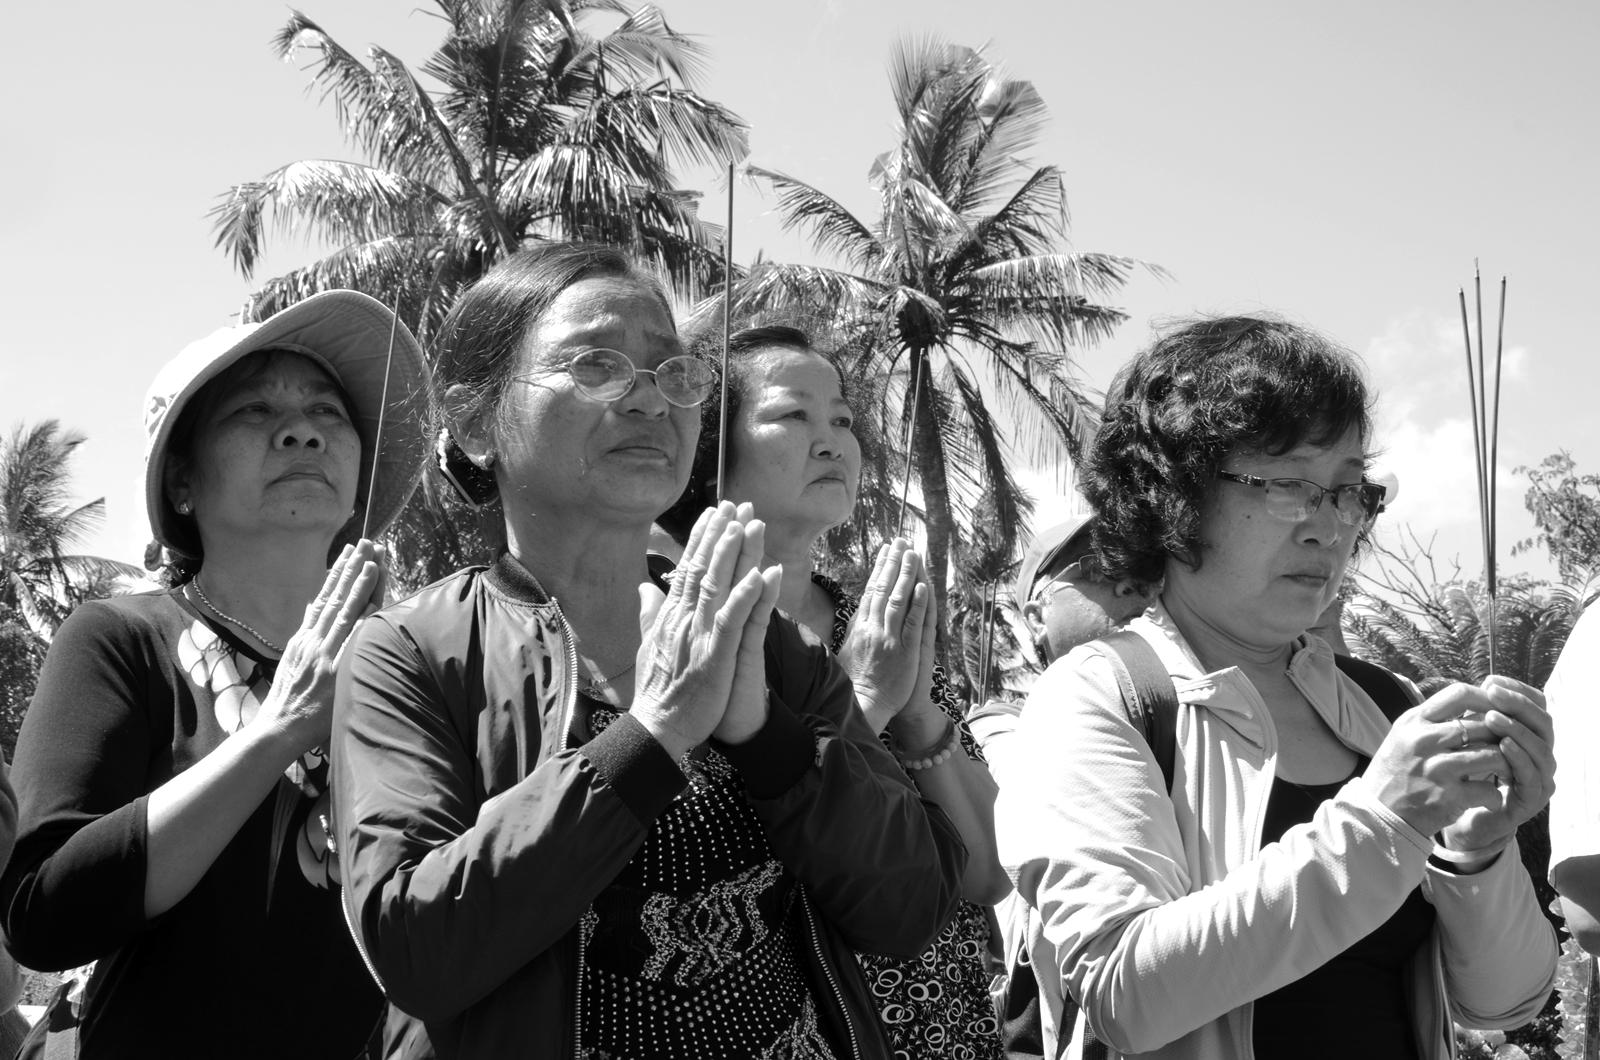 Thảm sát Mỹ Lai: 50 năm kiếm tìm sự tha thứ